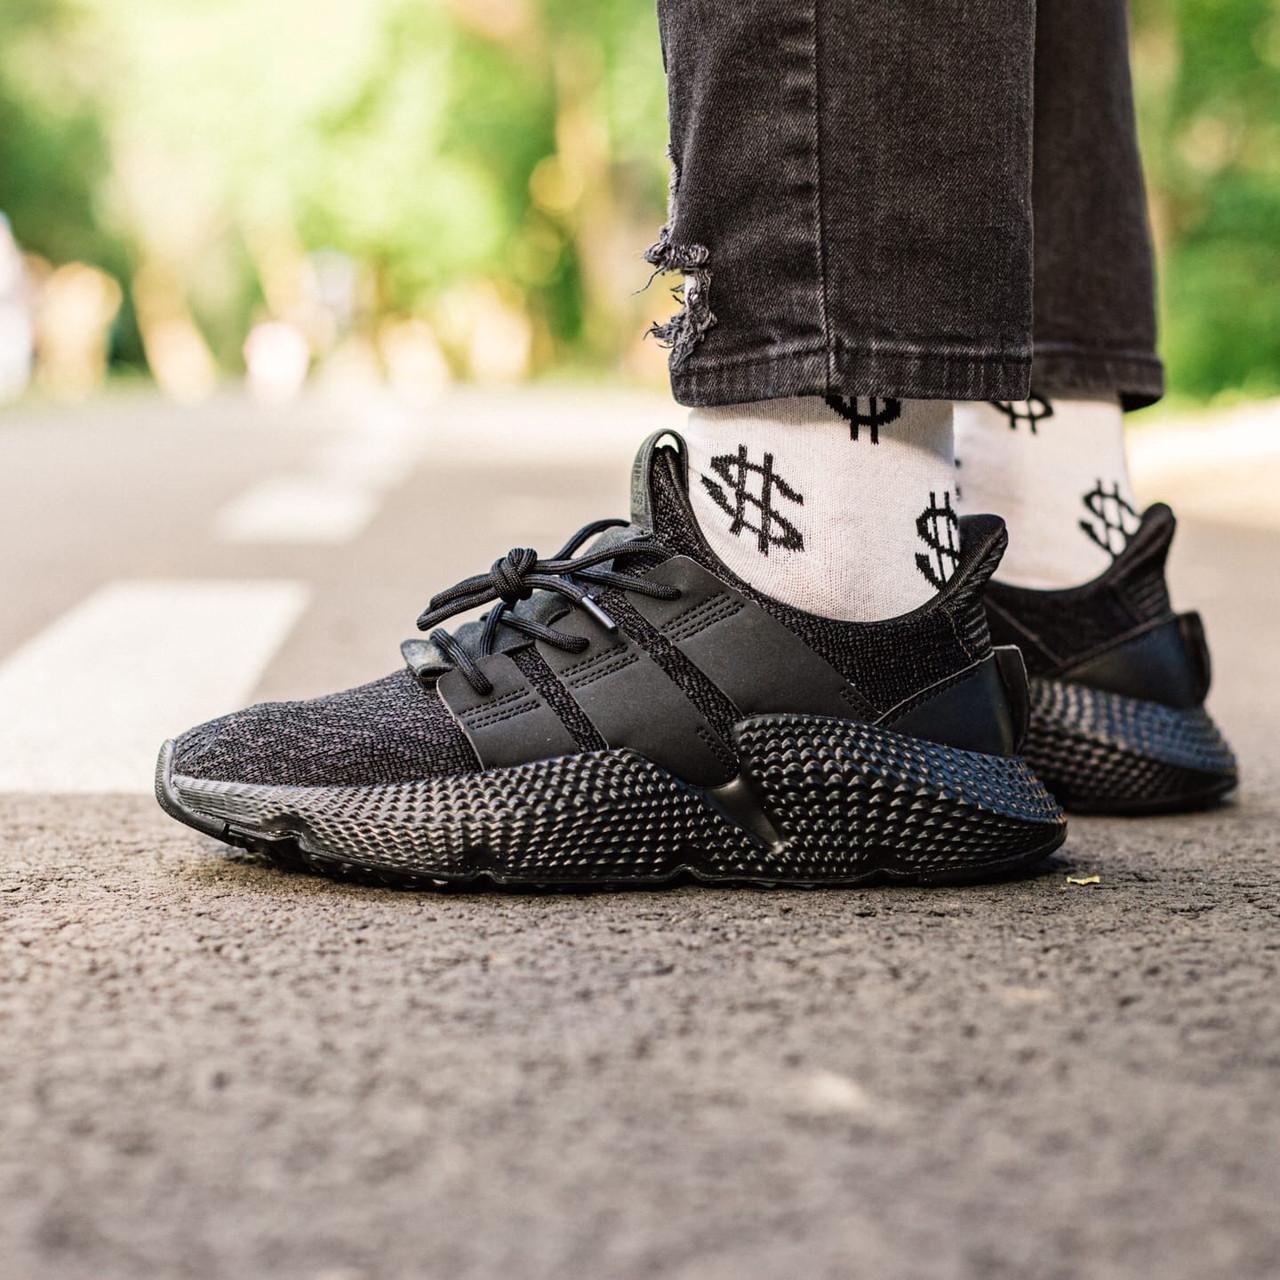 Чоловічі кросівки Adidas Prophere All Black, Репліка